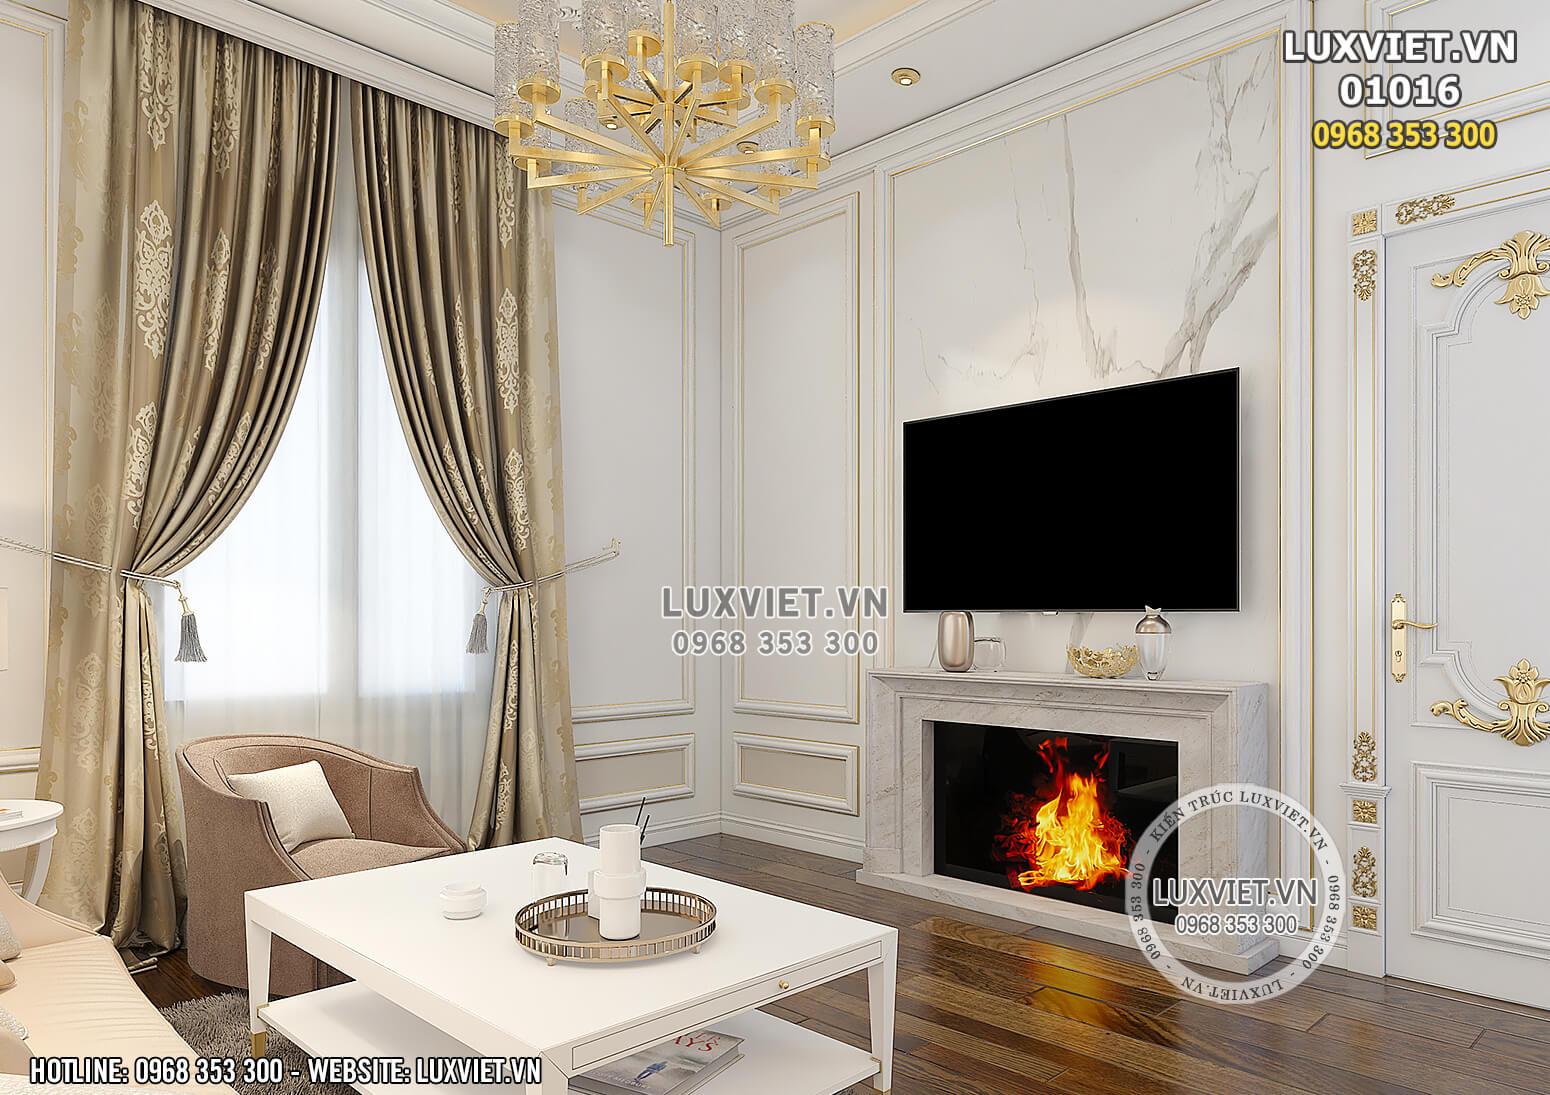 Hình ảnh: Không gian khu vực phòng sinh hoạt chung của mẫu thiết kế nội thất đẹp